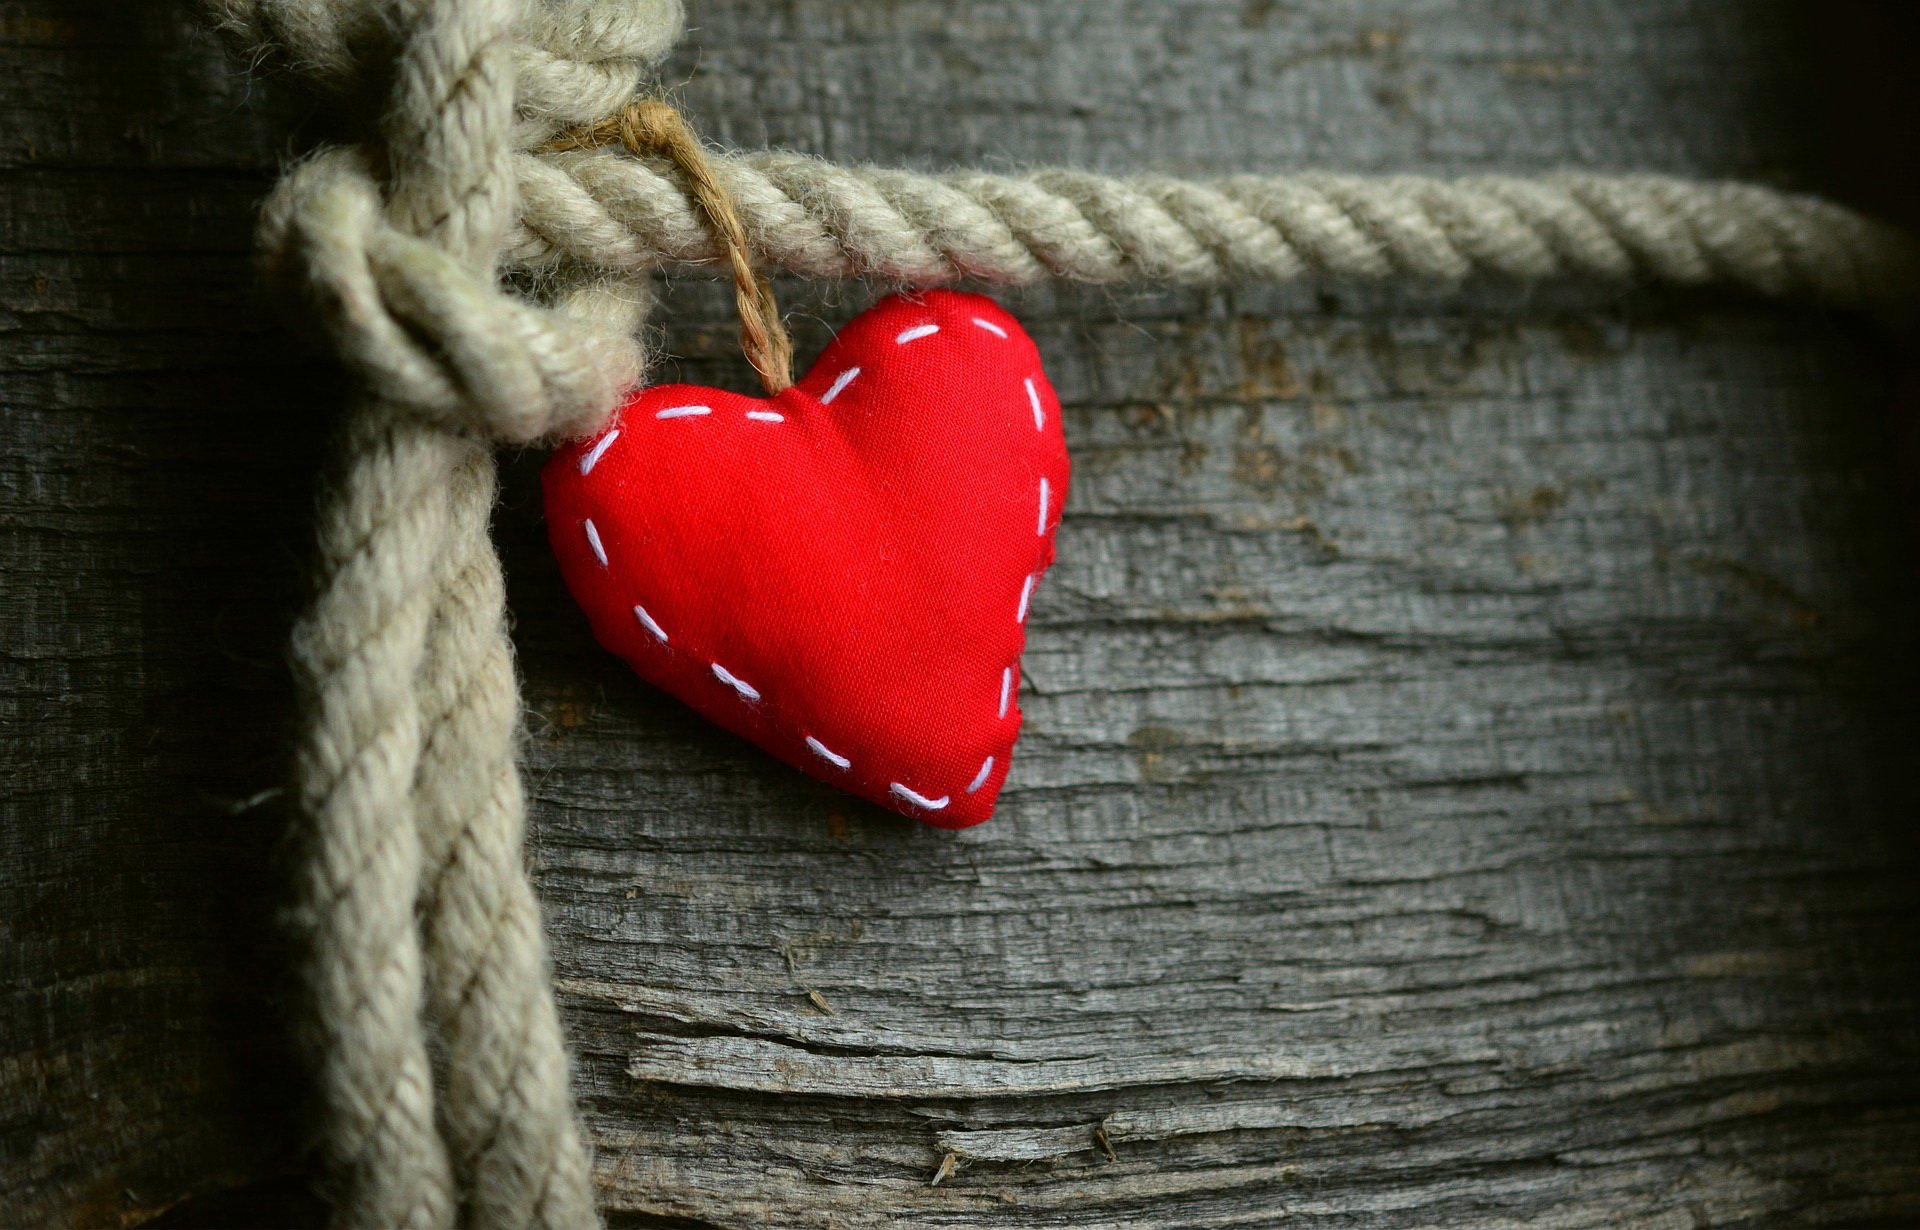 Dam Ci Serce Miłosny Wierszyk Dla Niego Wiersze I życzenia